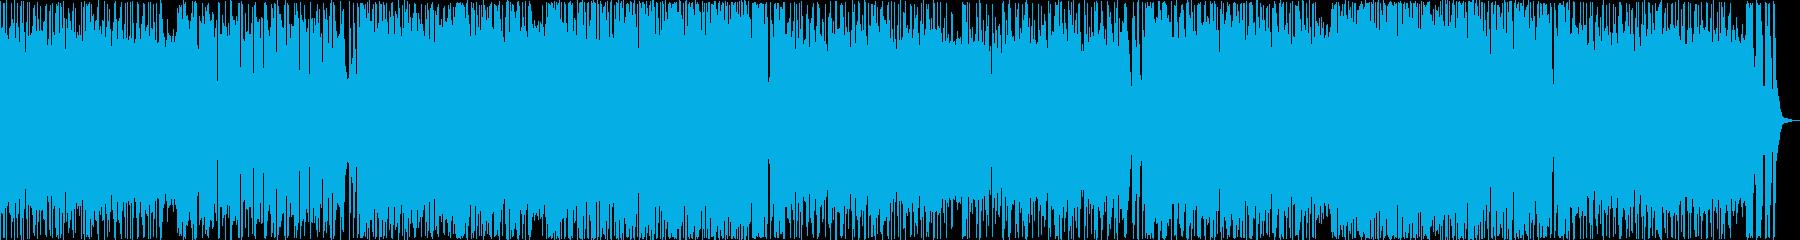 サックスが印象的なフュージョンの再生済みの波形